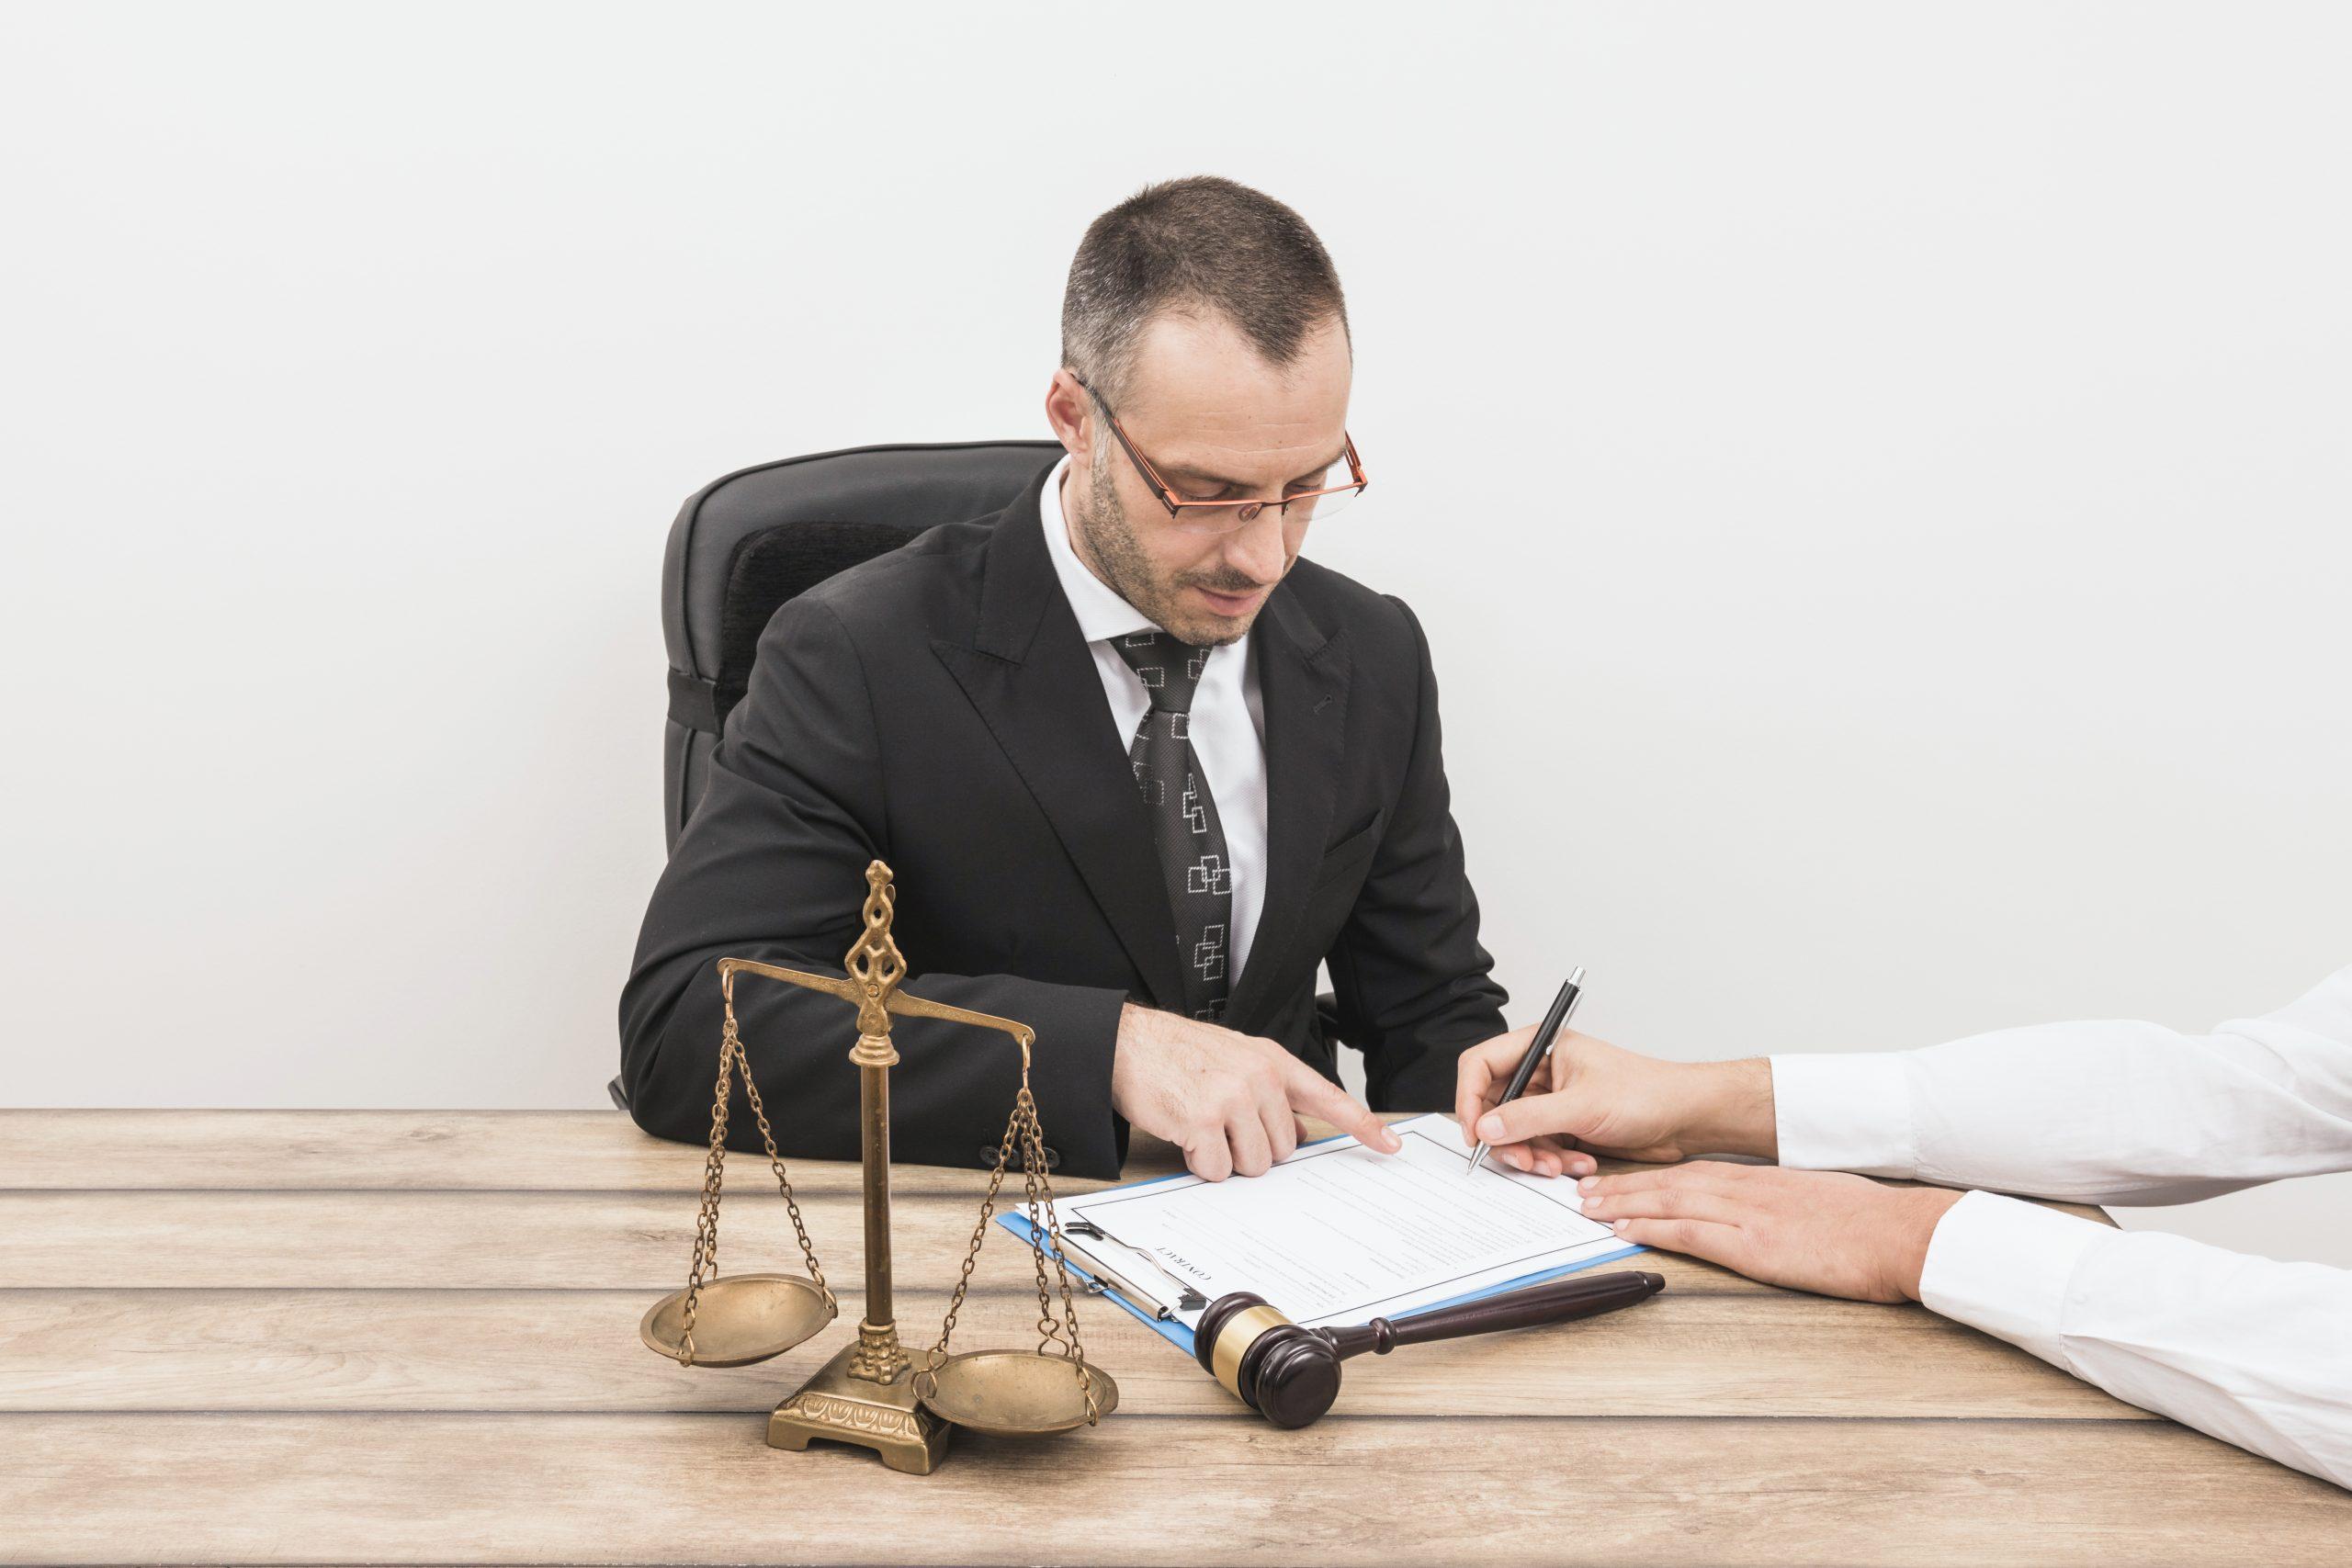 Injury Lawyer San Diego, CA